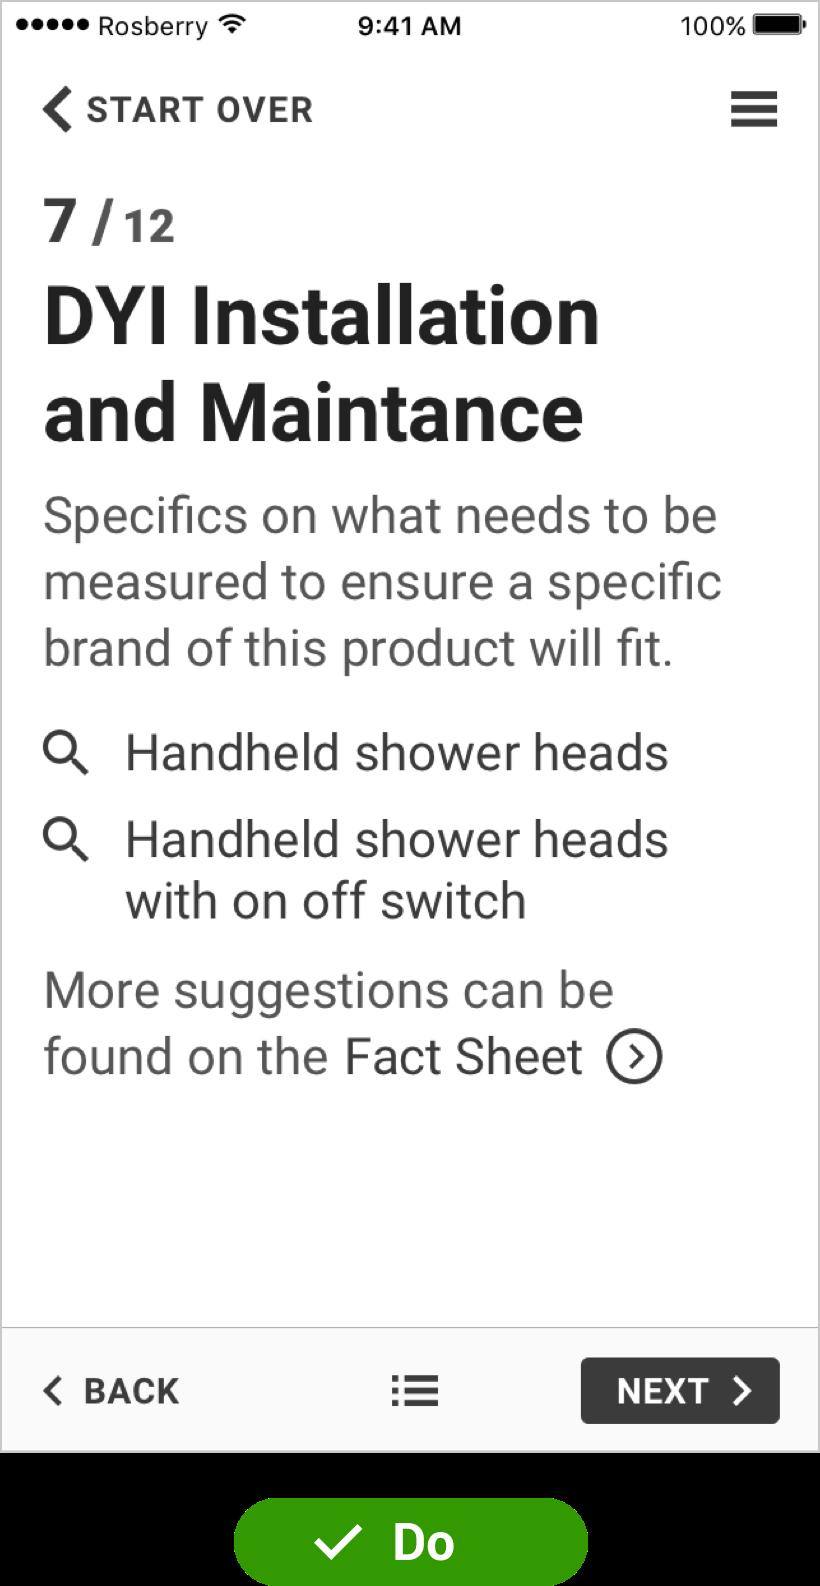 скриншот приложения для людей с овз